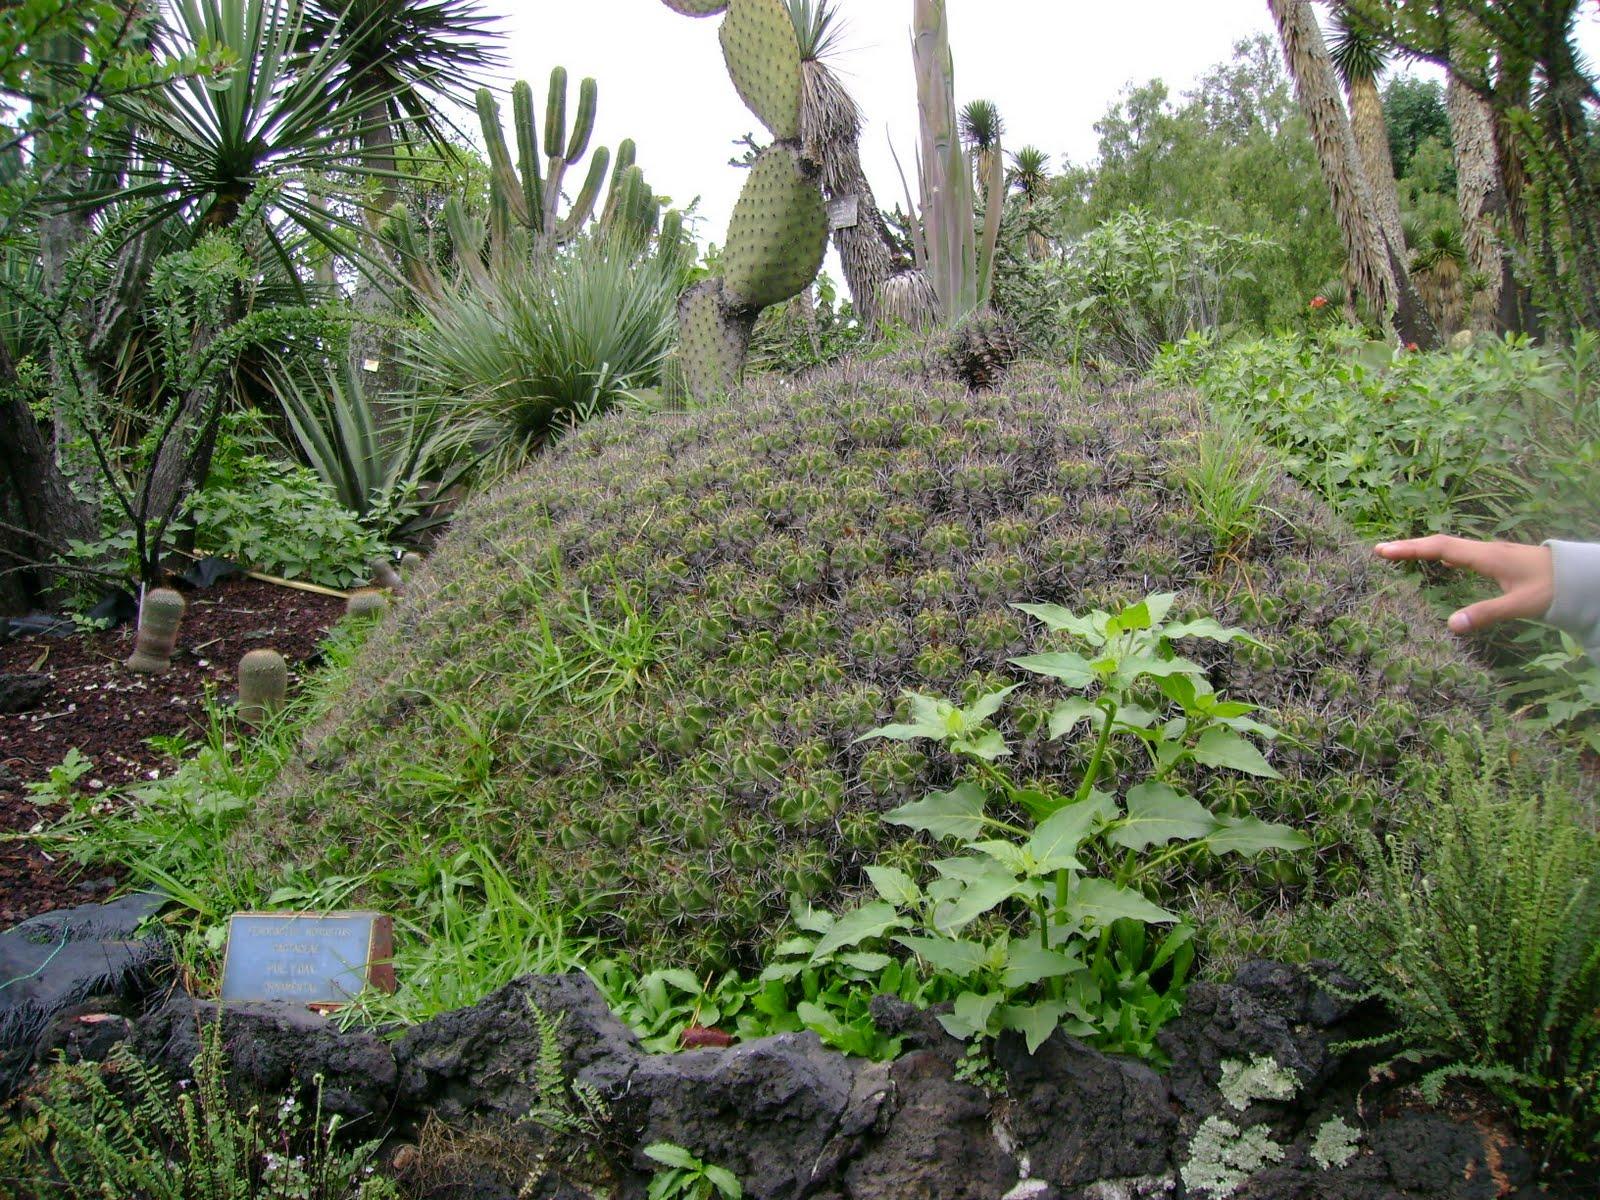 Practica jardin botanico unam for Jardin botanico unam 2015